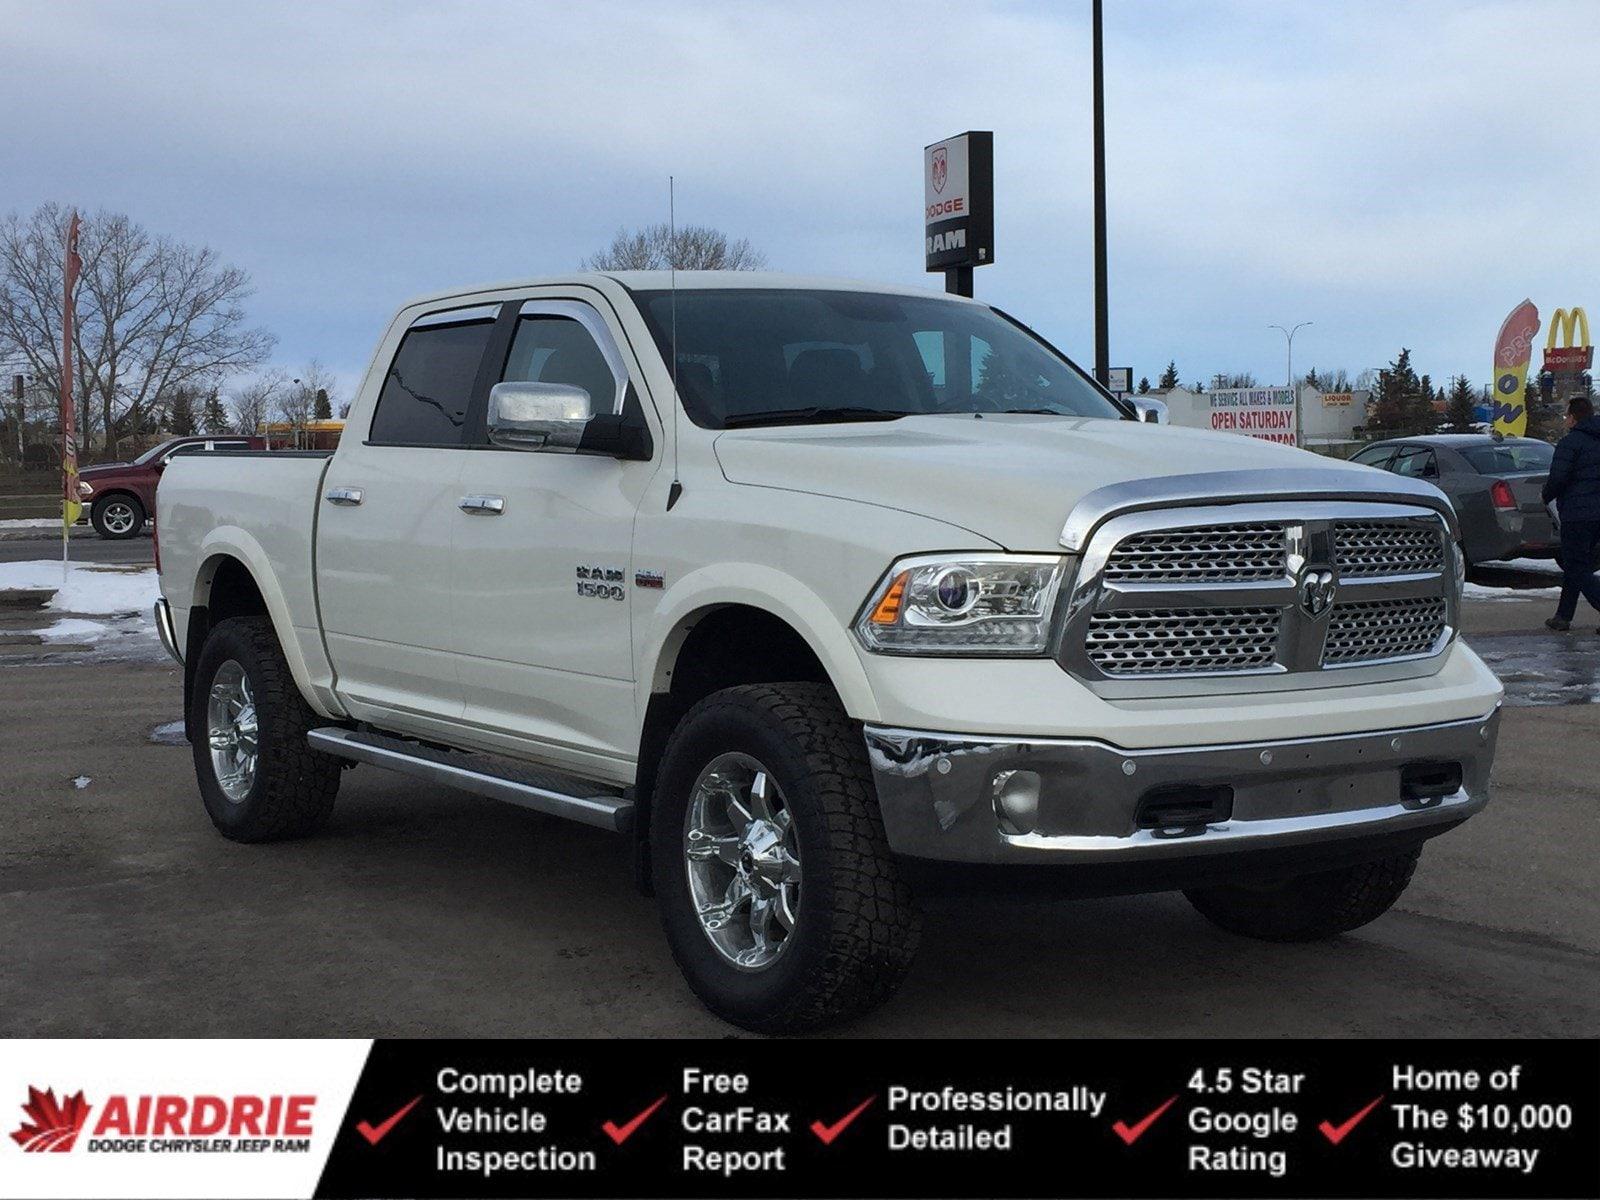 2017 Ram 1500 Laramie - Lifted! Fuel Rims & A/T Tires! 4WD Crew Cab 140.5 Laramie